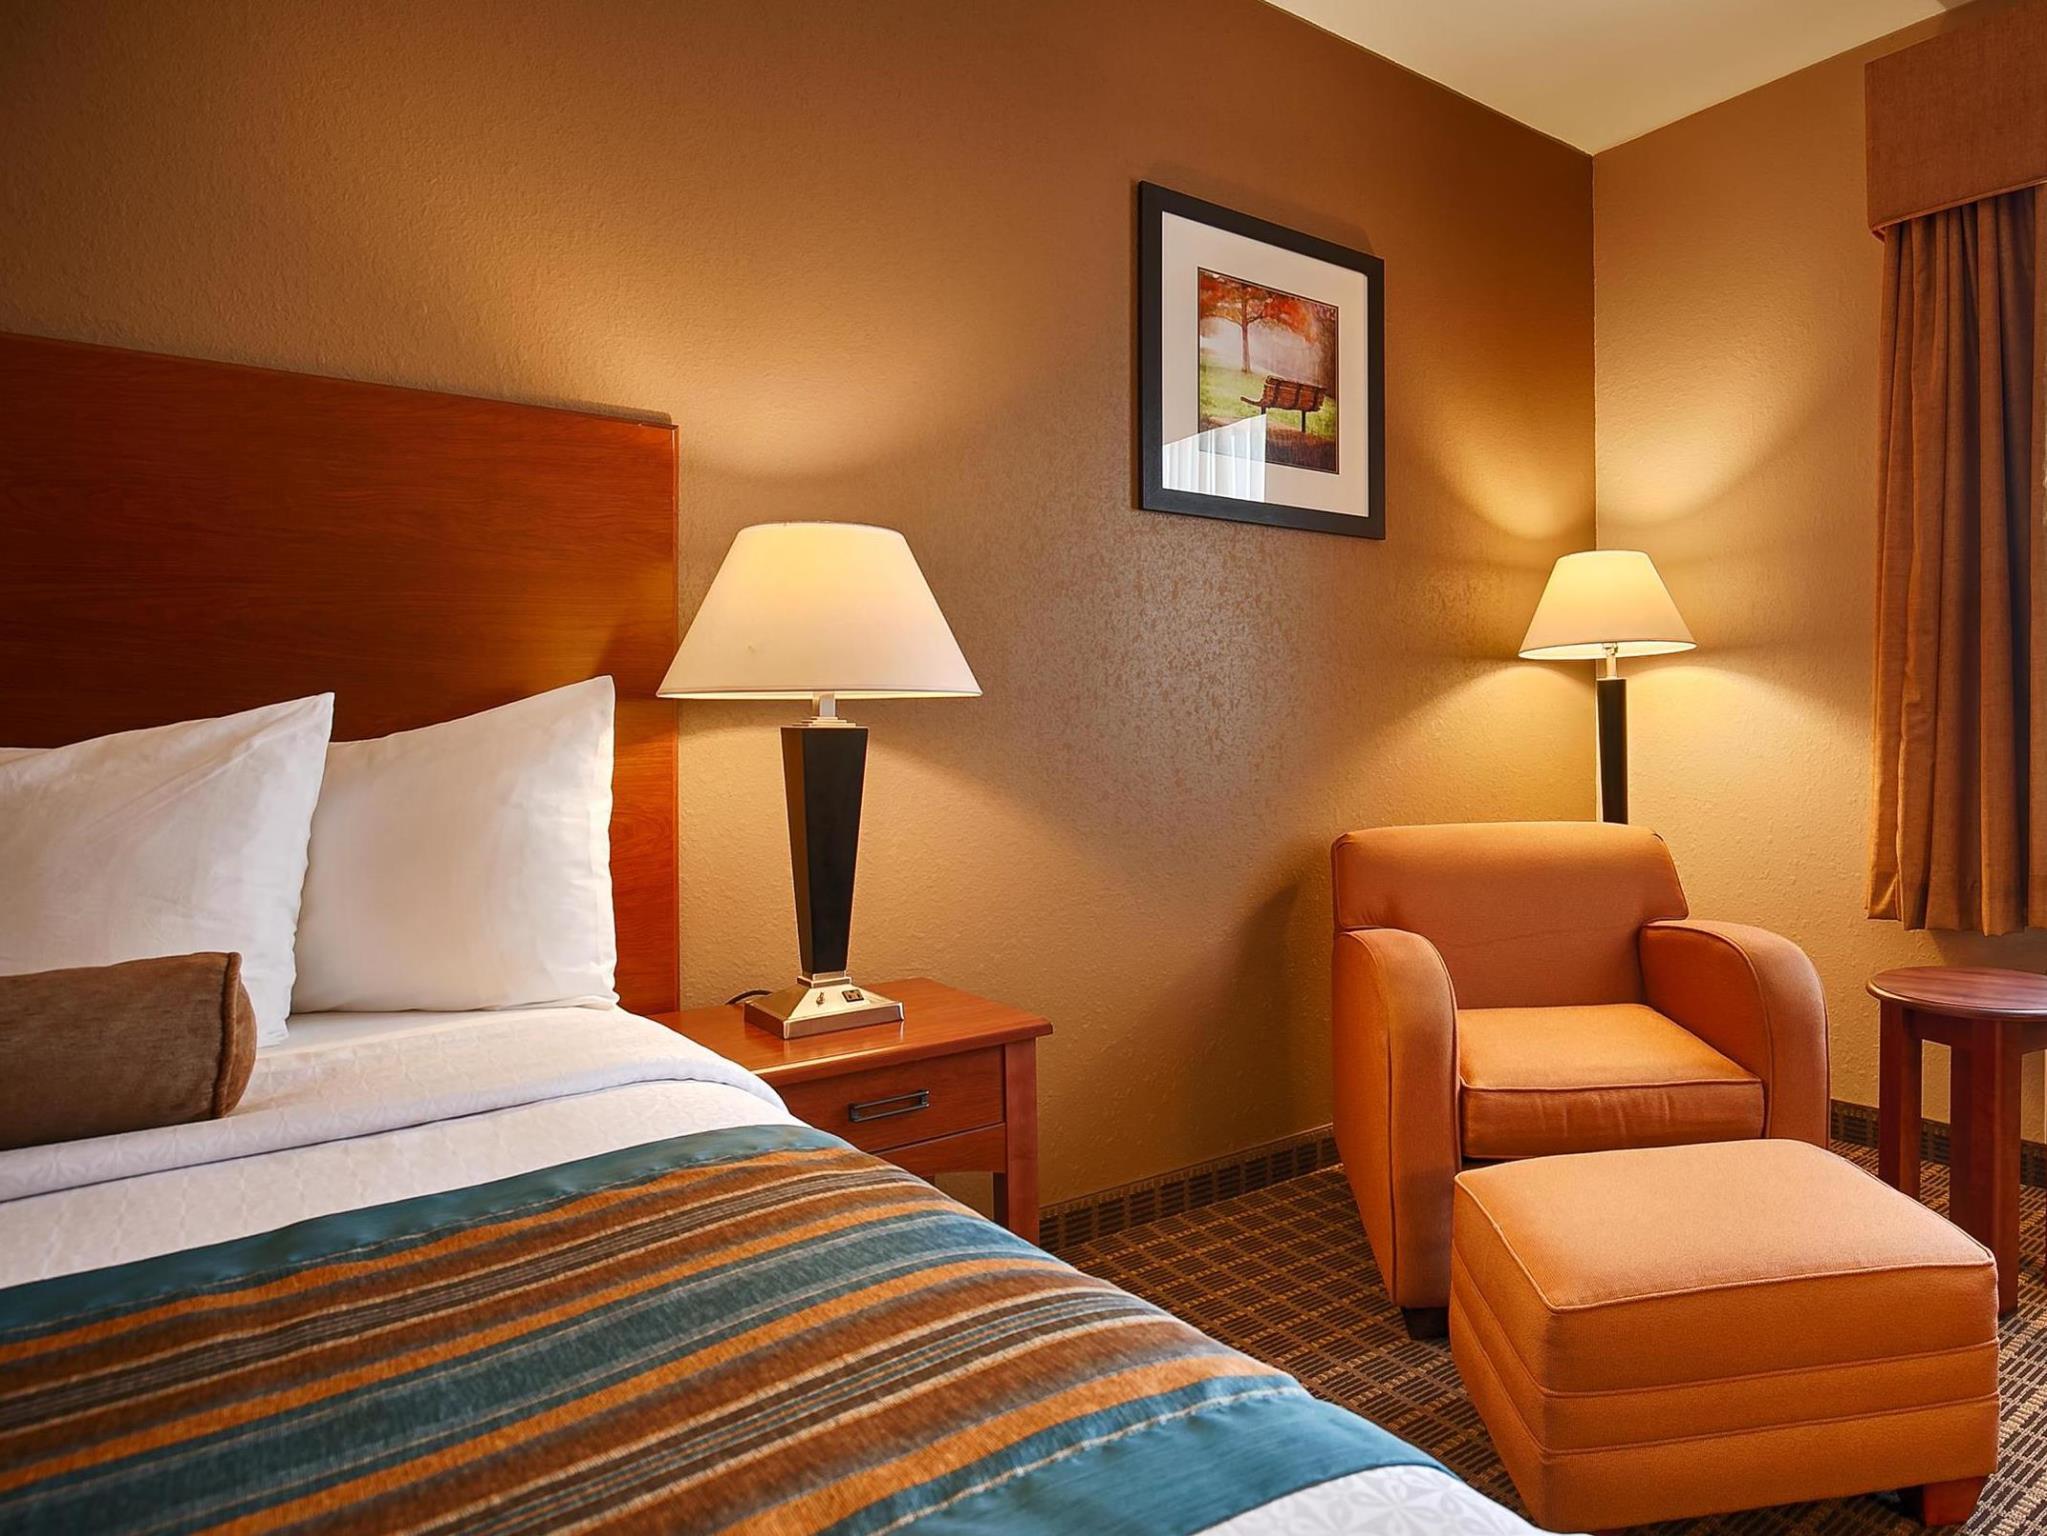 Price Best Western Orange Inn and Suites